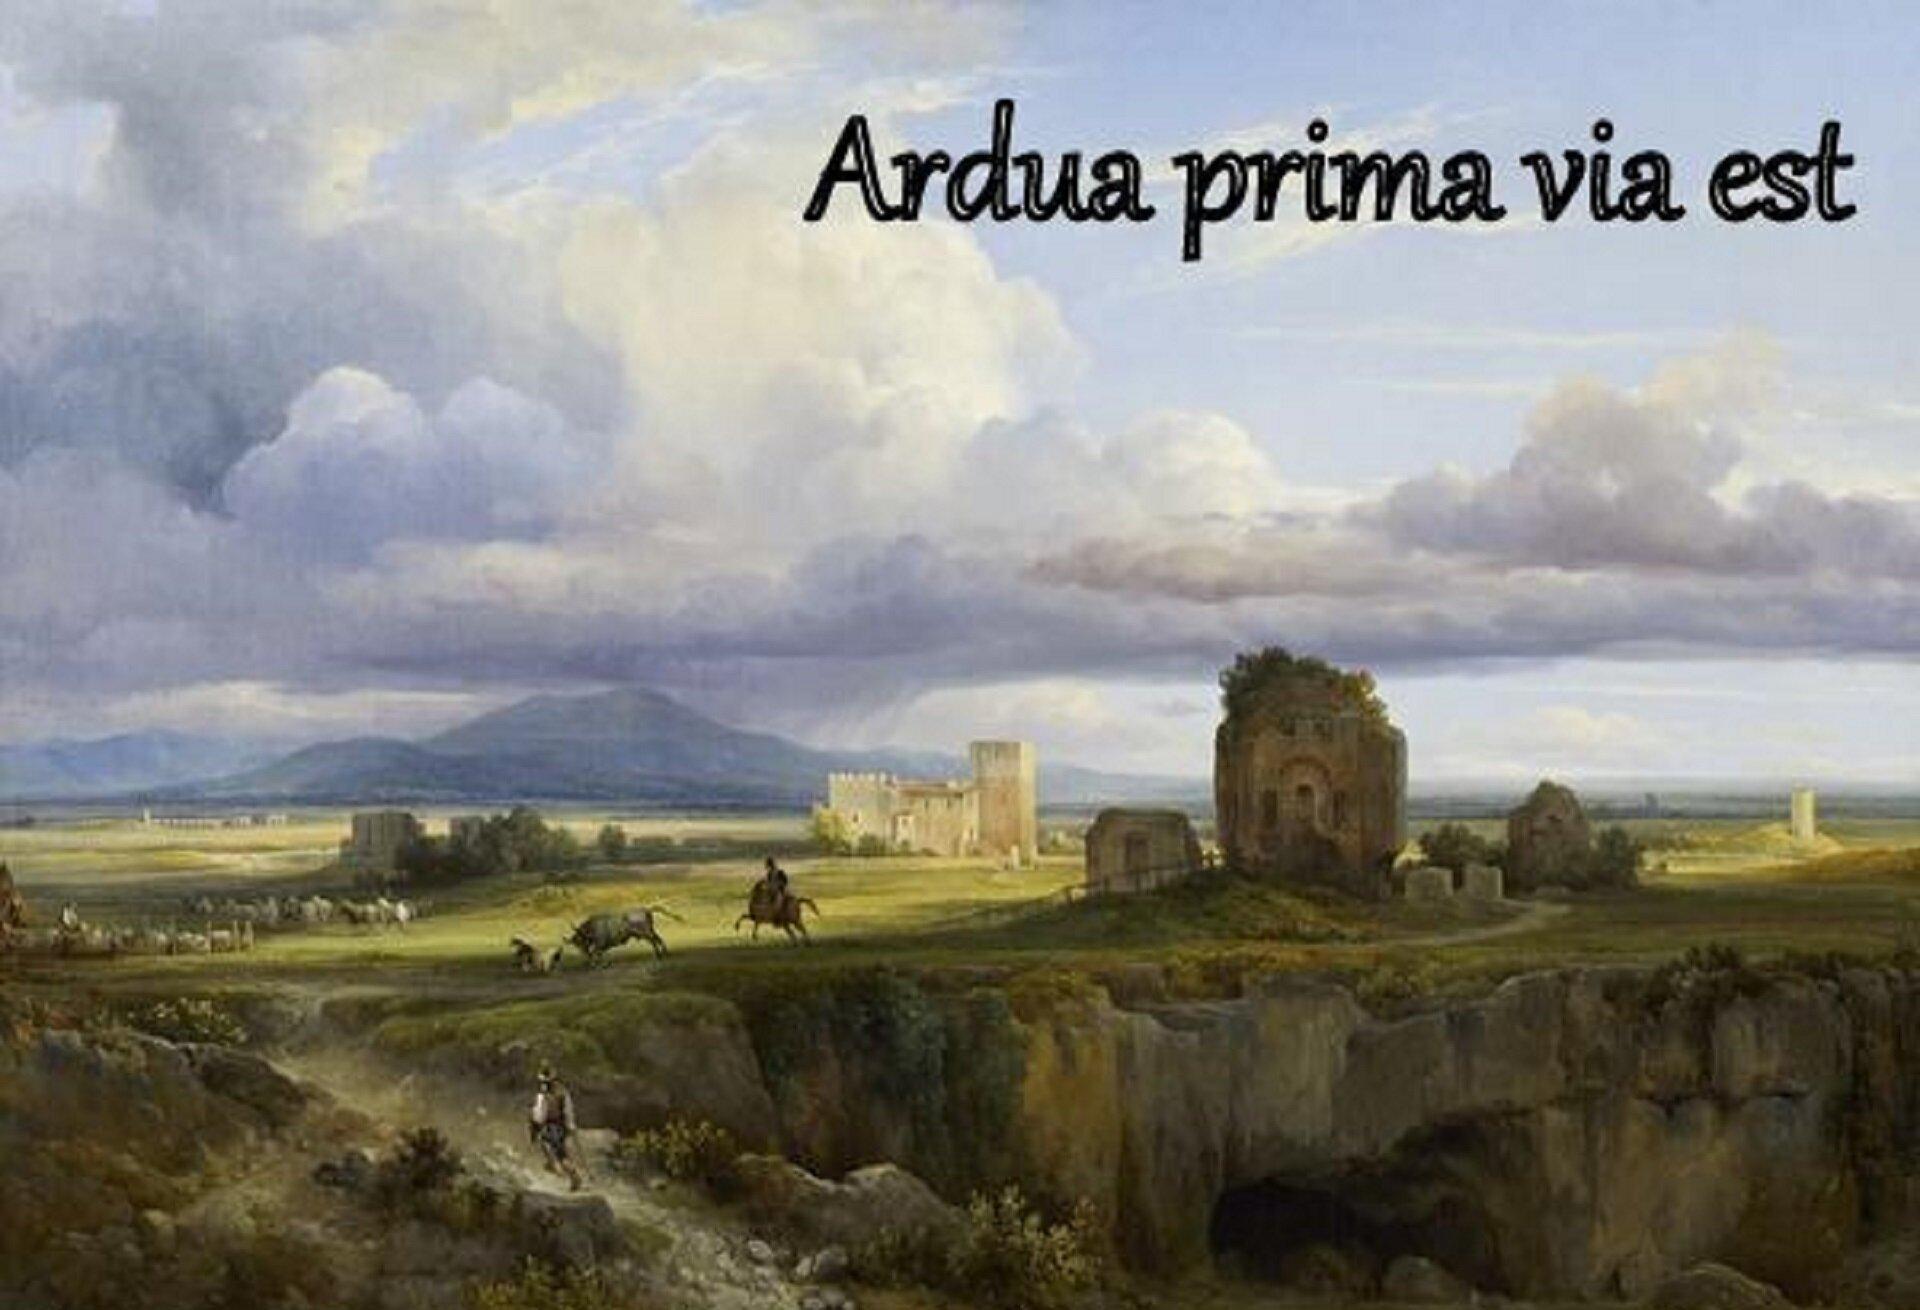 """Obraz Jacquesa Raymonda Brascassata pt. """"La Via Appia"""", przedstawia widok na via Appię – najstarszy trakt rzymski. Na pierwszym planie znajduje się mężczyzna ubrany wkapelusz, biało-brązową koszulę oraz czarne spodnie. Mężczyzna wchodzi na wzgórze, na którym znajduje się żołnierz na koniu, byk, awoddali owce wraz zpasterzem. Zprawej strony widoczne są ruiny budynków. Wtle widoczna jest góra, nad którą gromadzą się burzowe chmury. Zprawej strony obrazu widnieje napis: Ardua prima via est."""